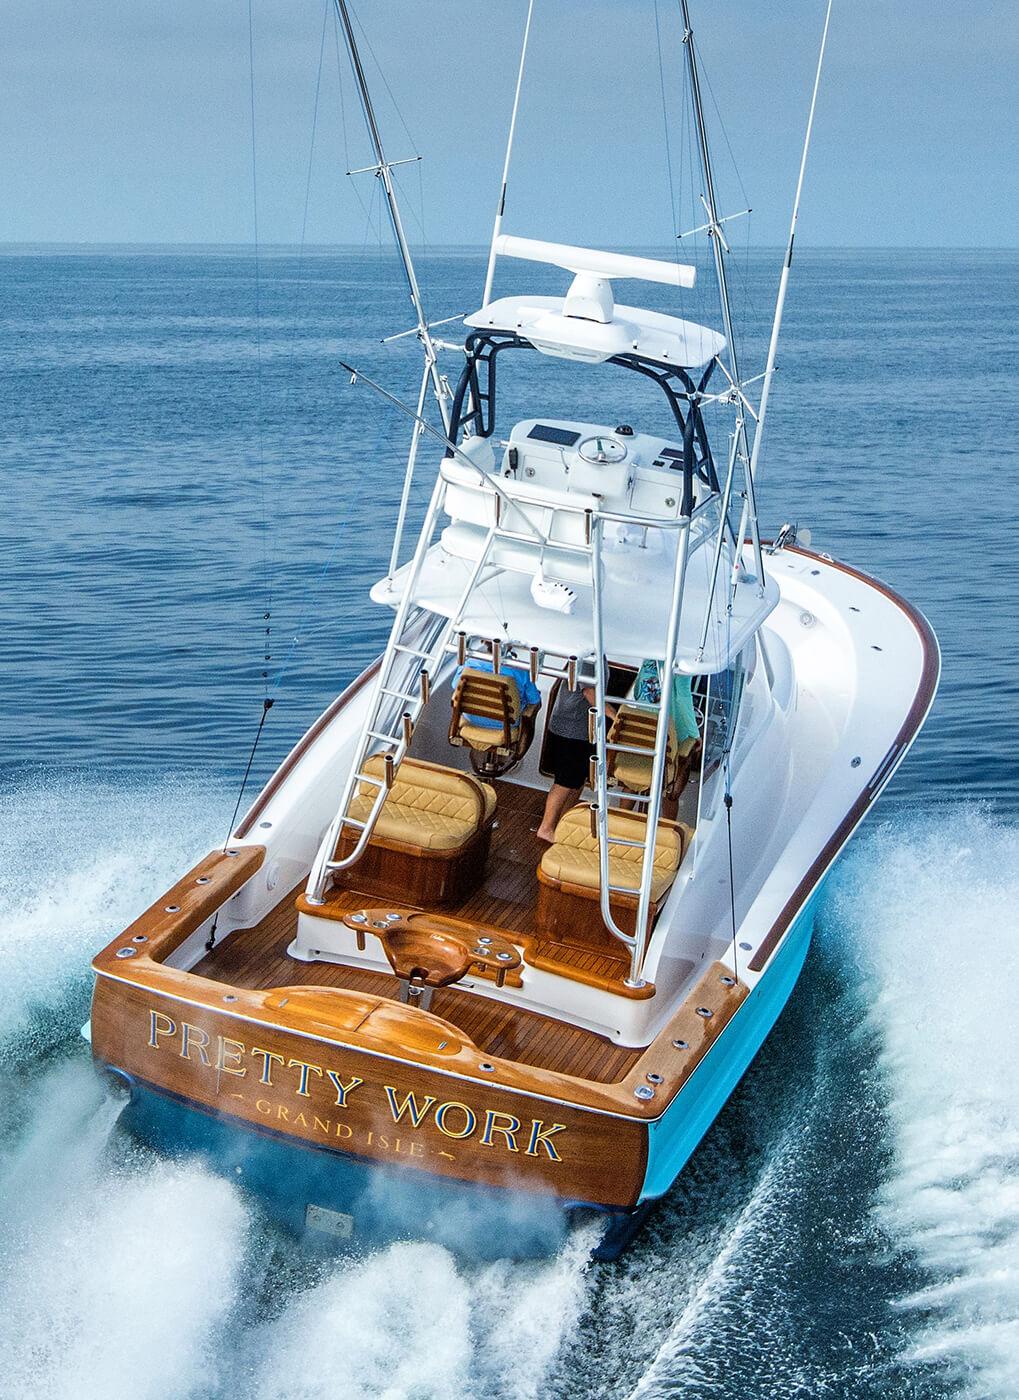 Pretty Work Grand Isle Boat Transom